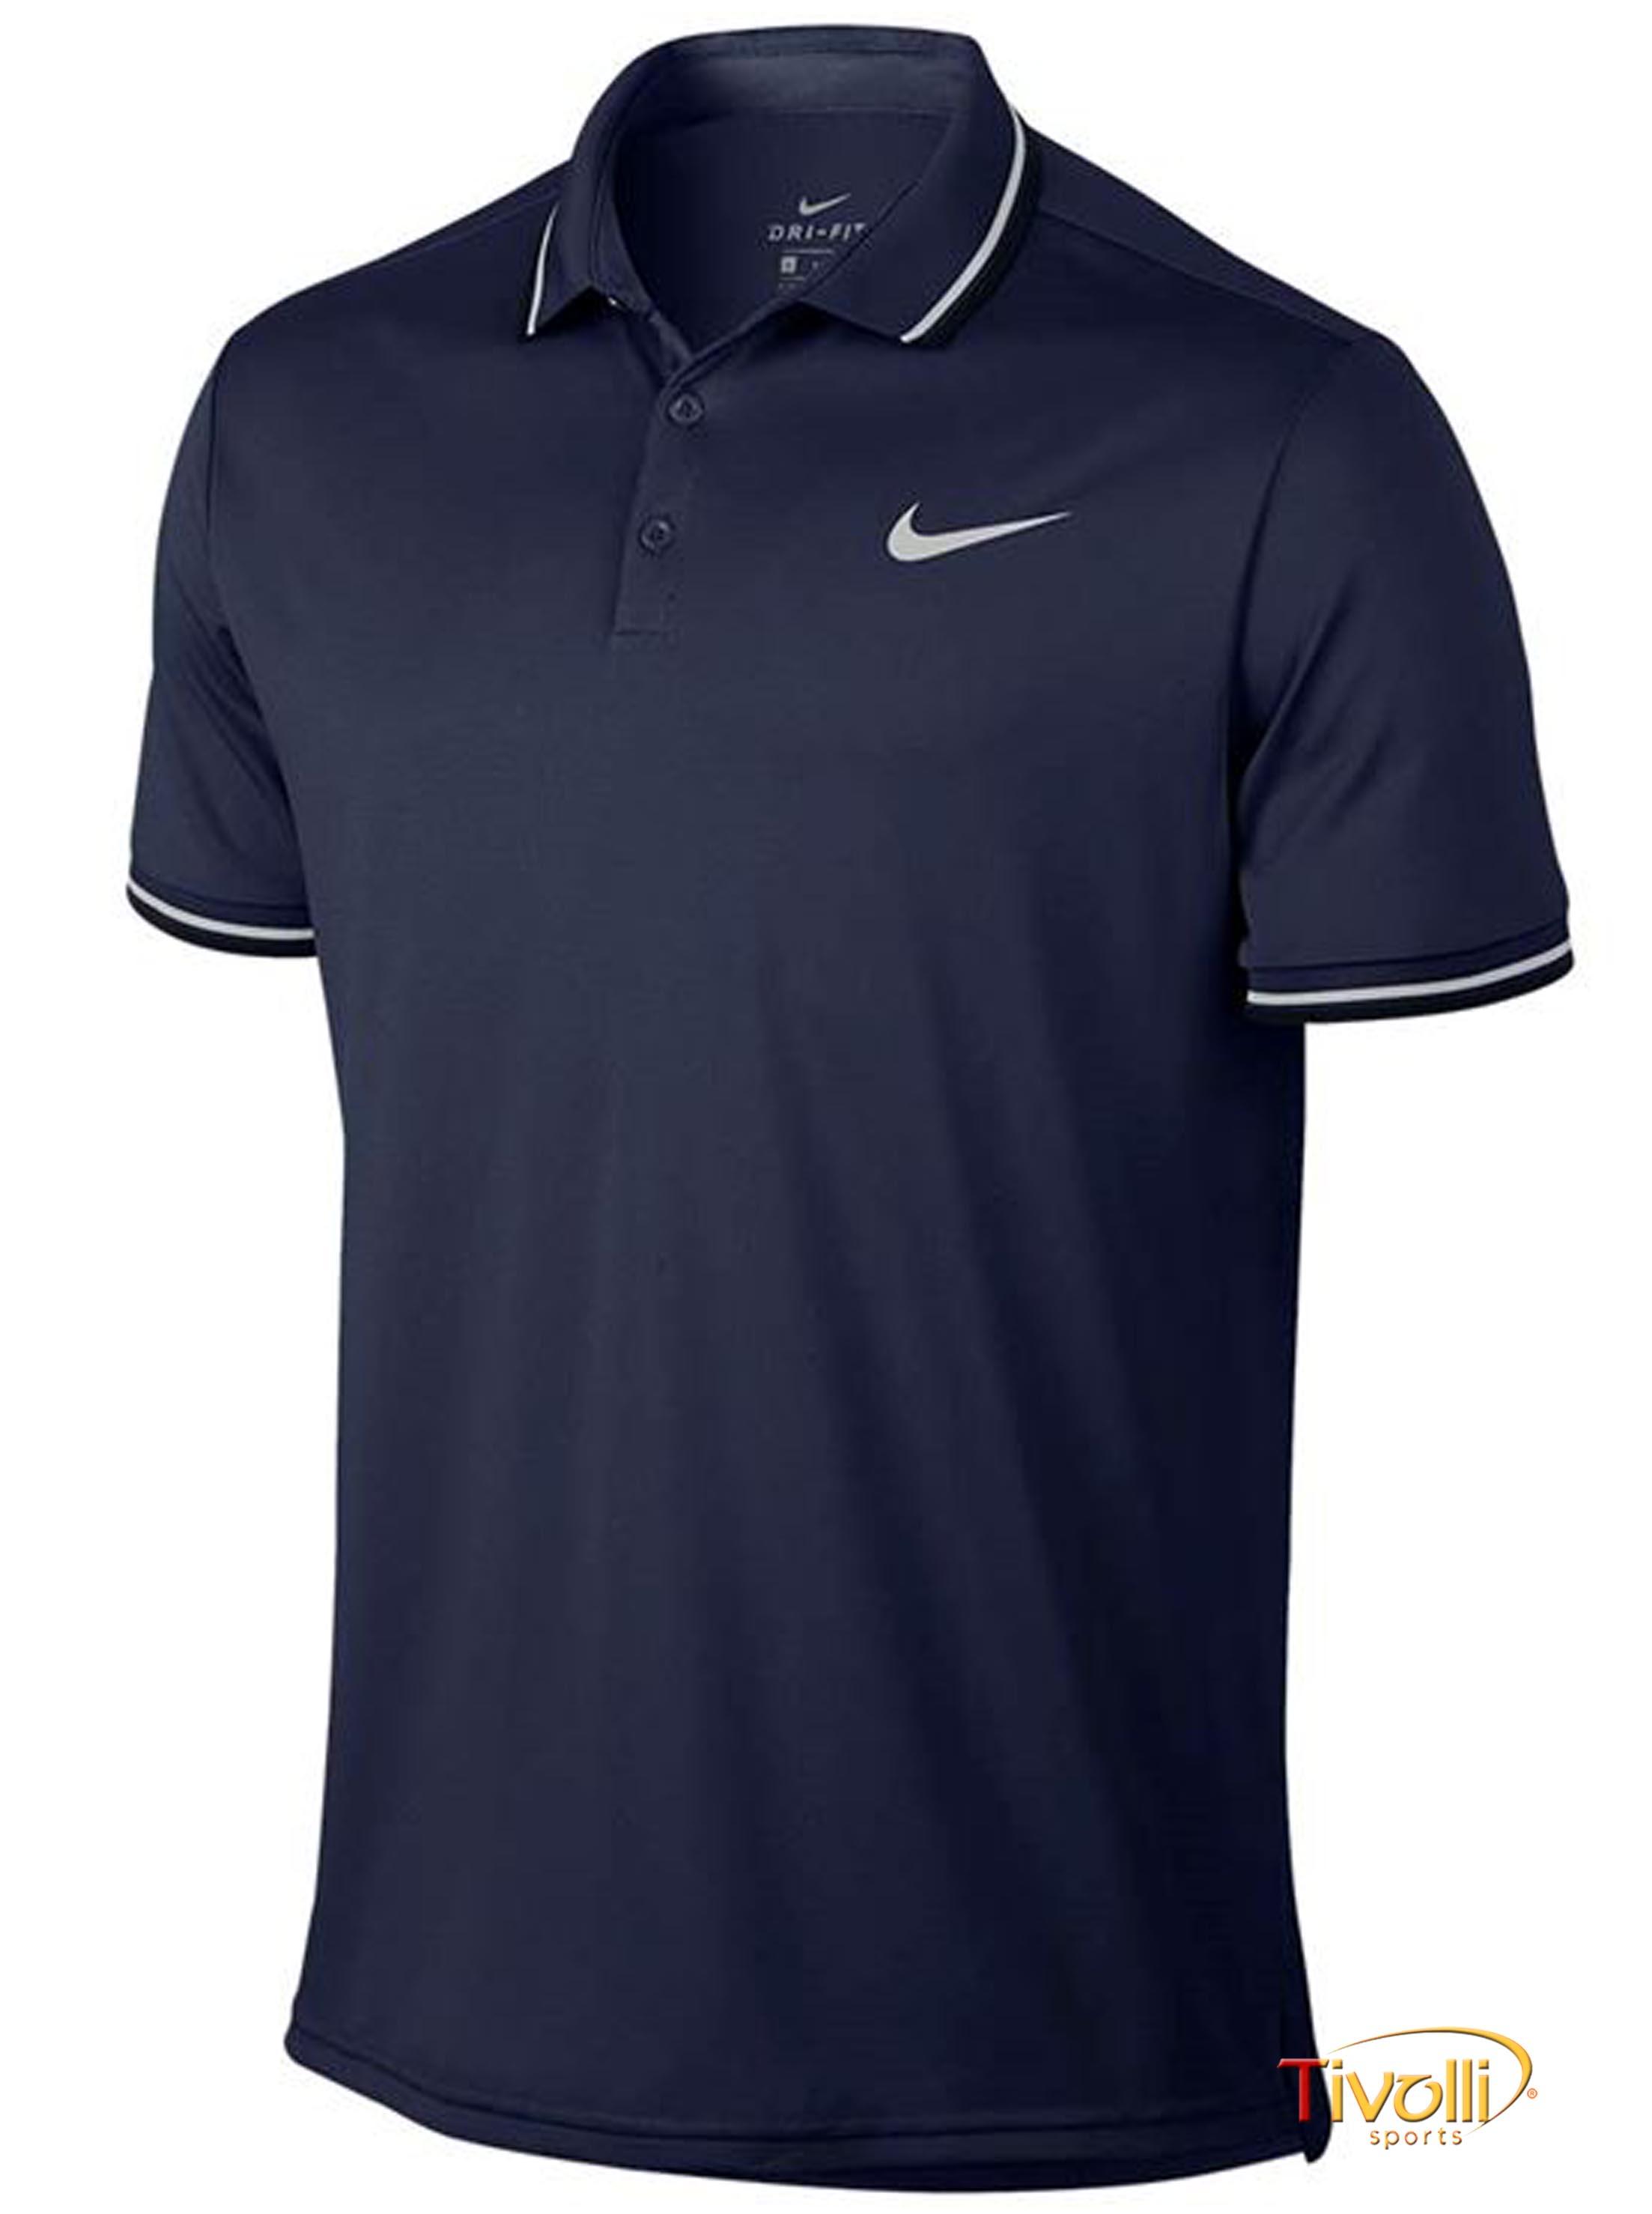 444b63d2d4 Raquete Mania   Camisa Polo Nike Court Dry Solid   Azul Marinho